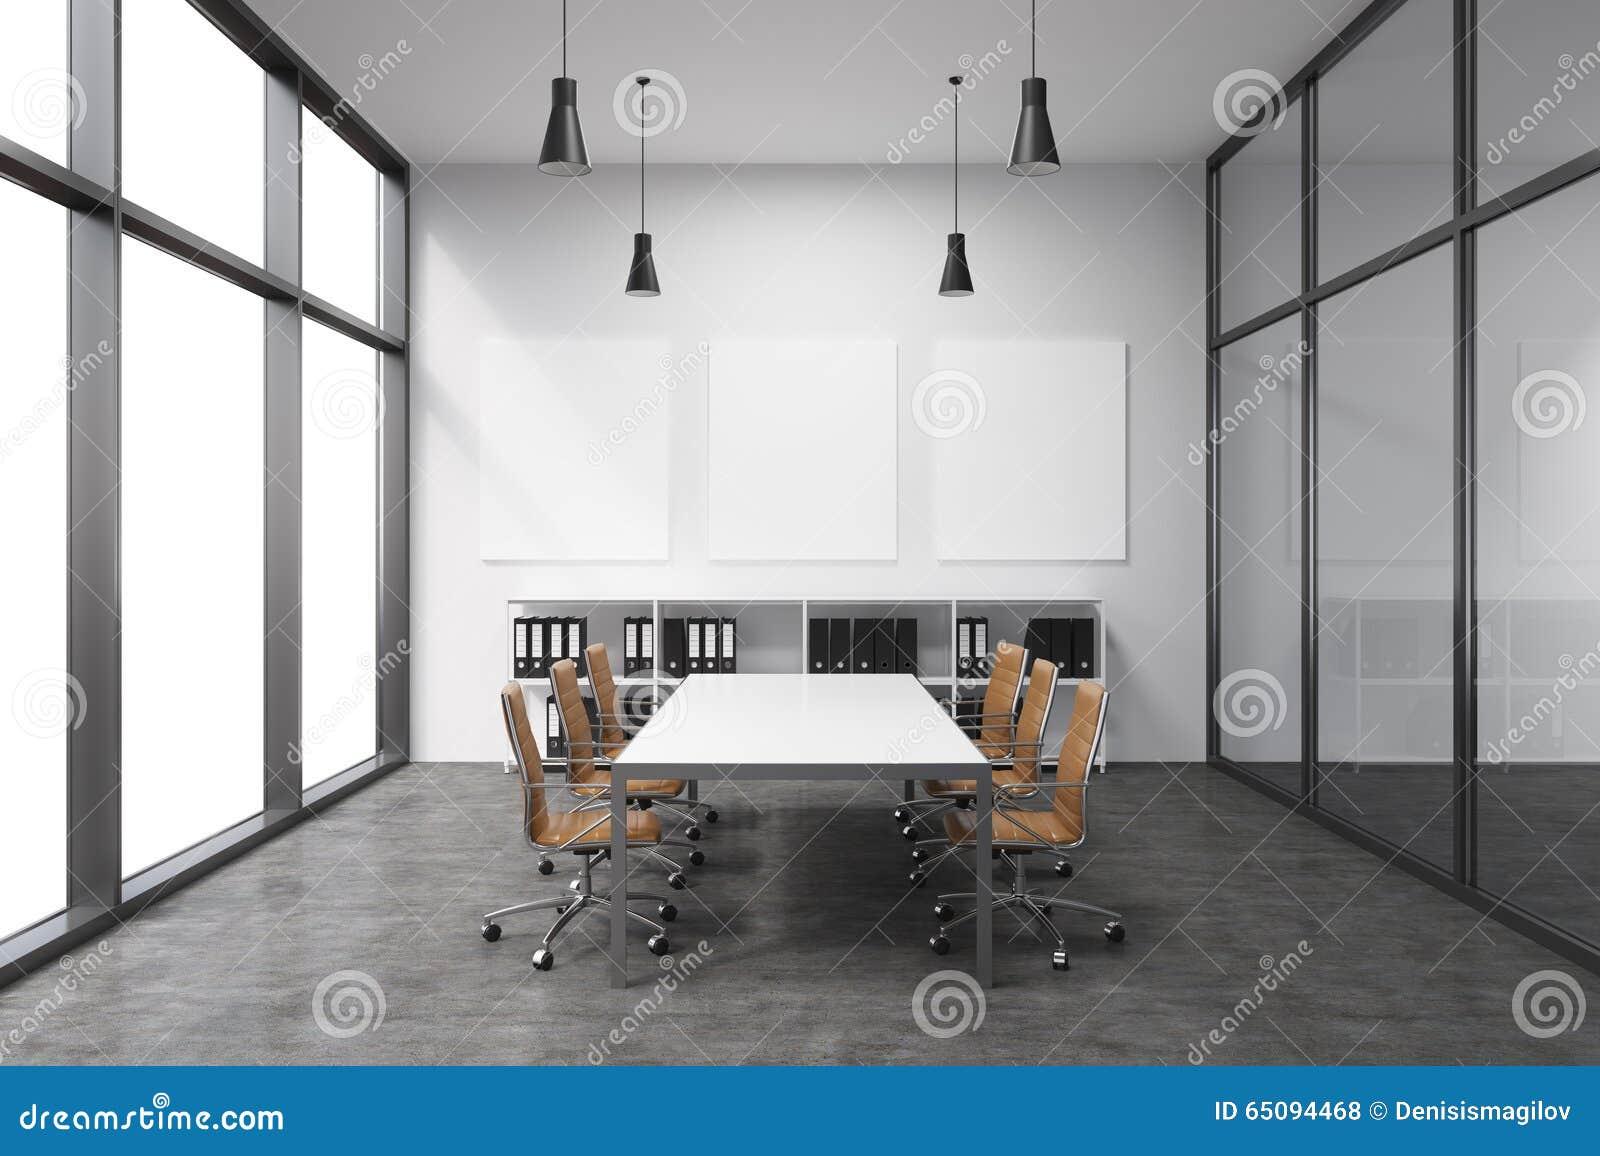 Przestronny pusty pokój konferencyjny